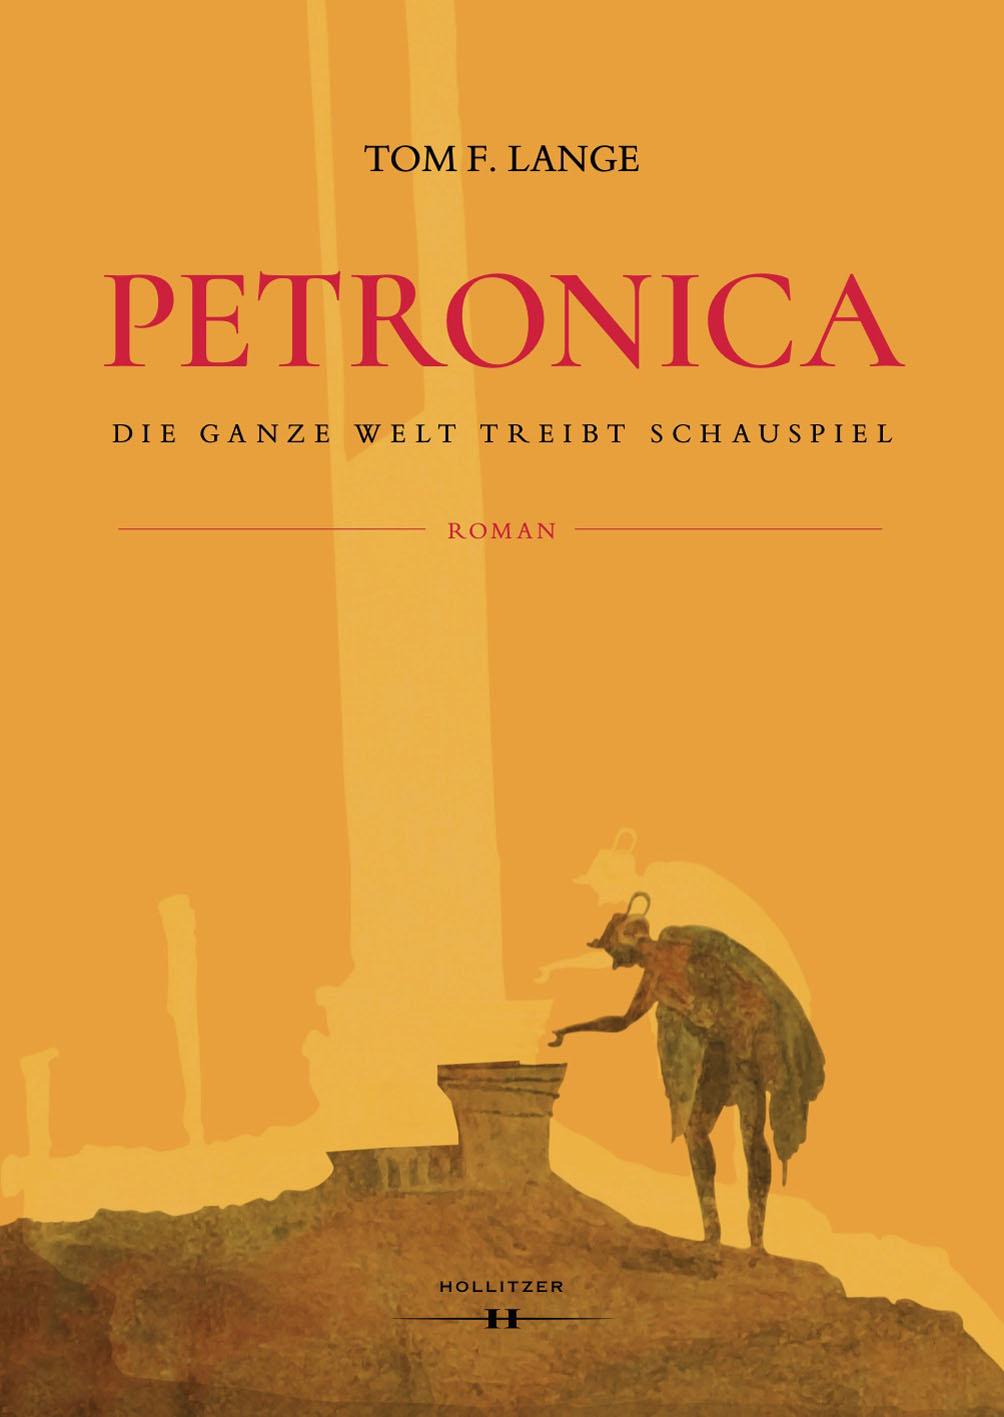 Tom F. Lange. Petronica